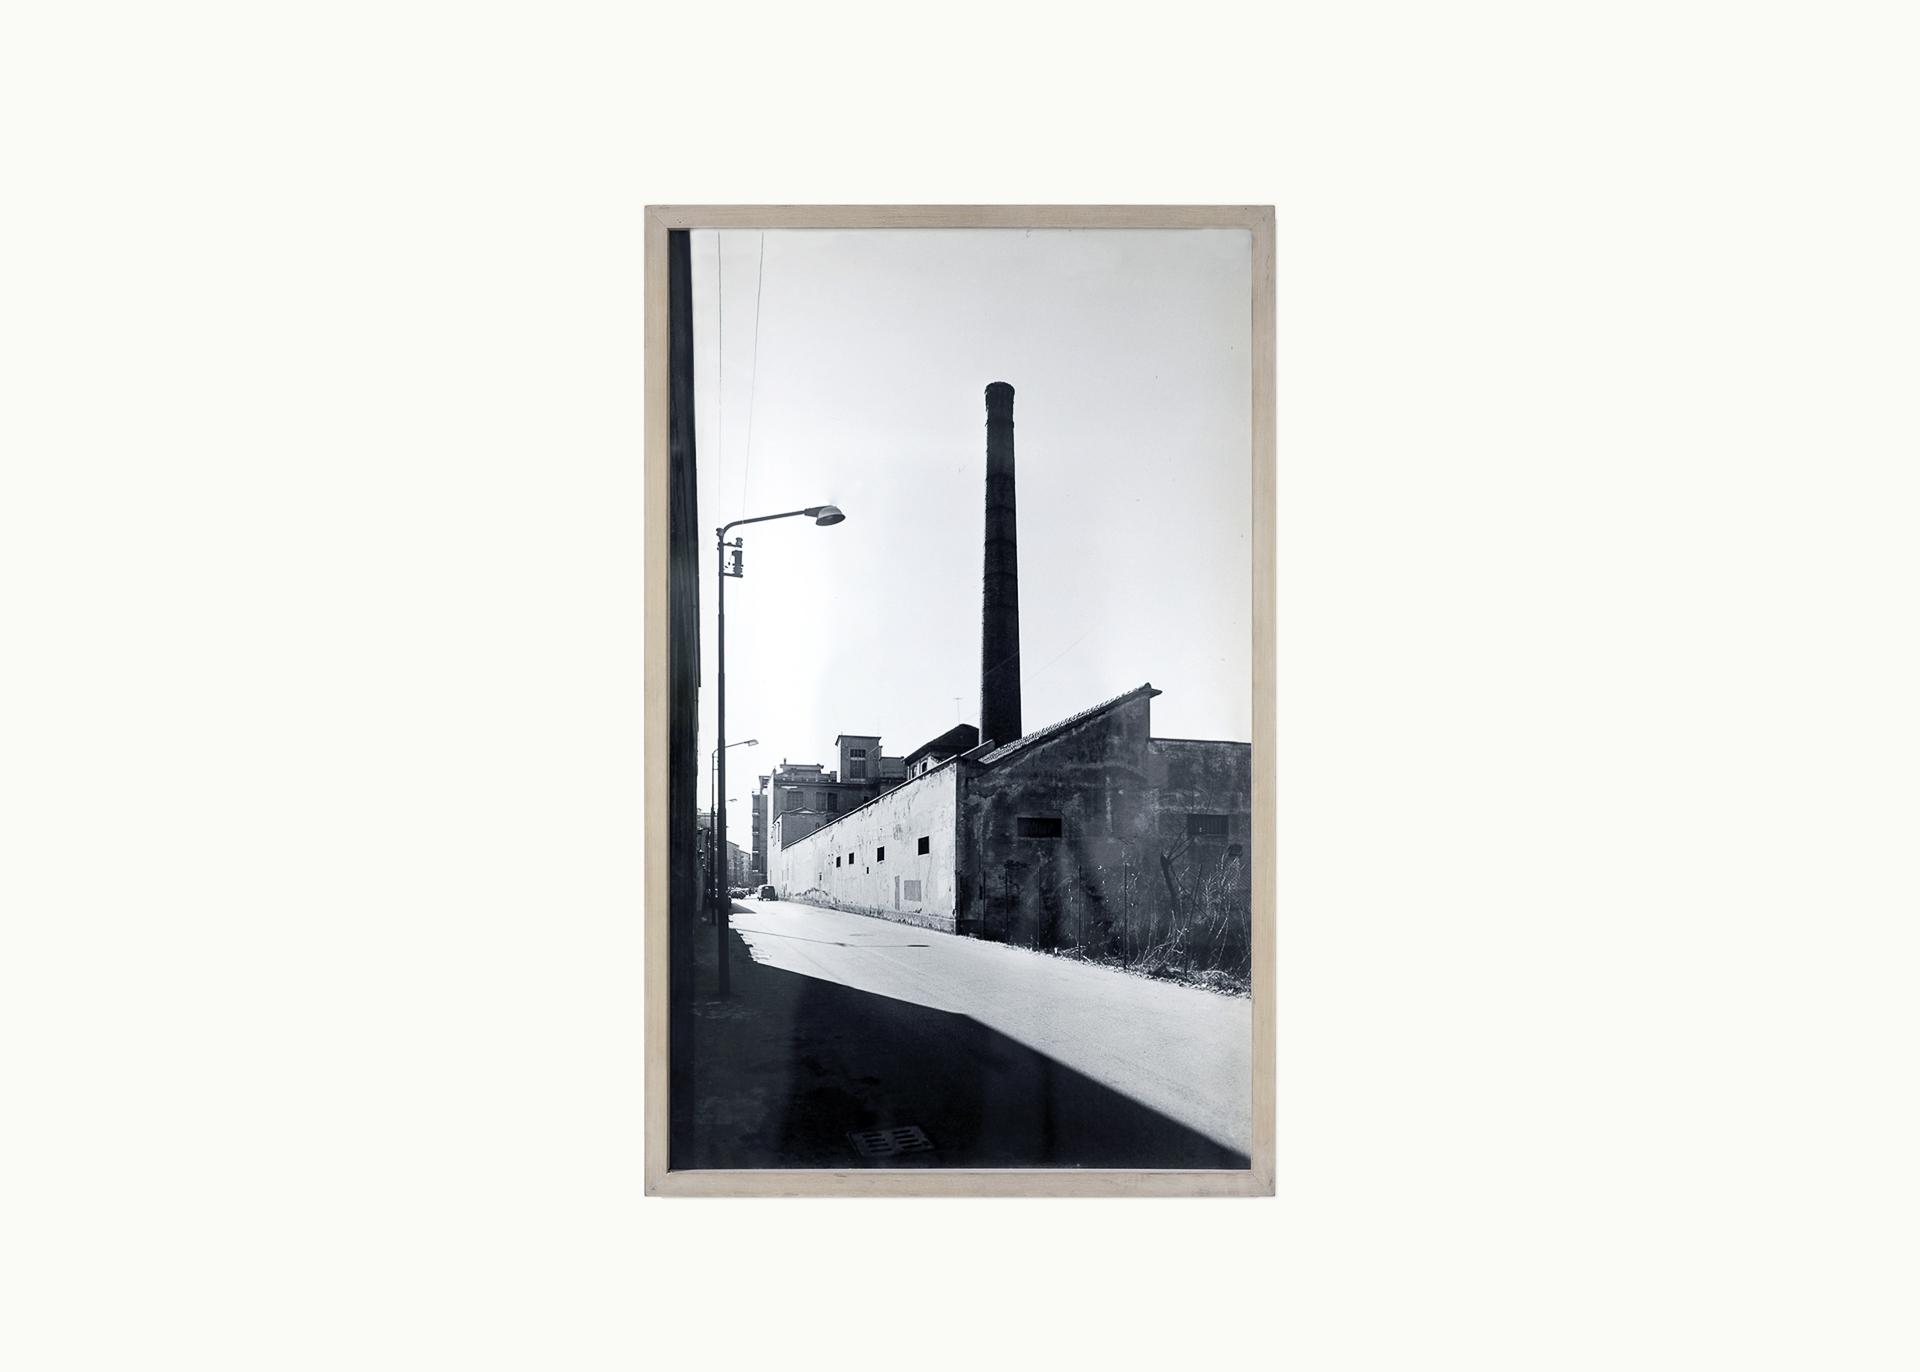 """Basilico Gabriele - """"Milano ritratti di fabbriche"""" 1978/80 """""""